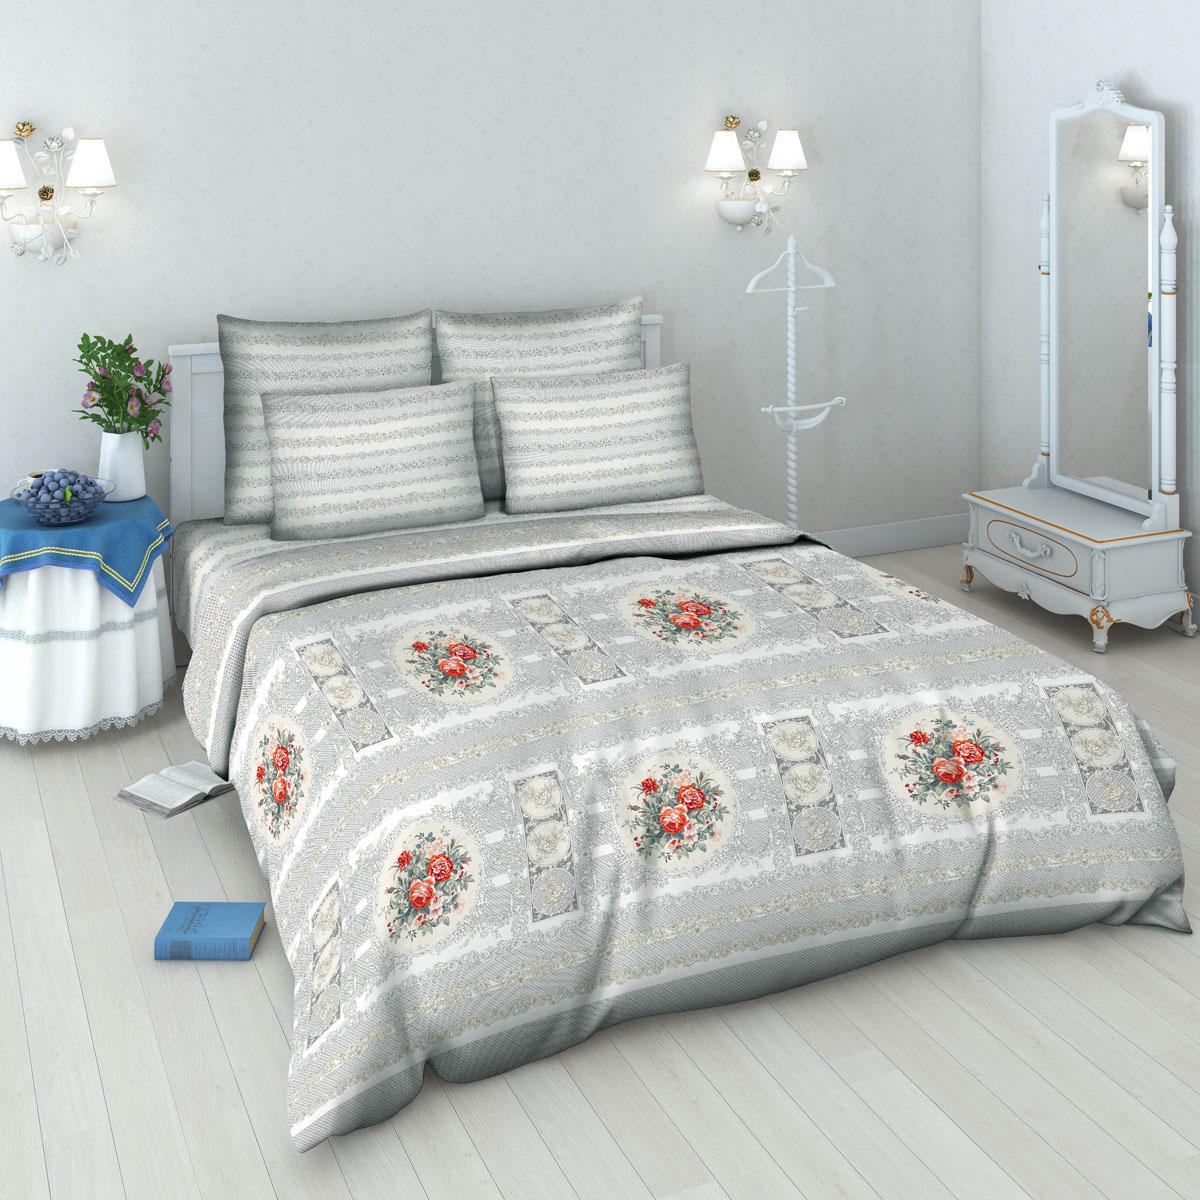 Комплект белья Василиса, 2-спальный, наволочки 70х70. 5378_1/2180088Комплект постельного белья Василиса состоит из пододеяльника, простыни и двух наволочек. Белье производится из высококачественной бязи (100% хлопка).Использование особо тонкой пряжи делает ткань мягче на ощупь, обеспечивает легкое глажение и позволяет передать всю насыщенность цветовой гаммы. Благодаря более плотному переплетению нитей и использованию высококачественных импортных красителей постельное белье выдерживает до 70 стирок.Приобретая комплект постельного белья Василиса, вы можете быть уверены в том, что покупка доставит вам удовольствие и подарит максимальный комфорт.